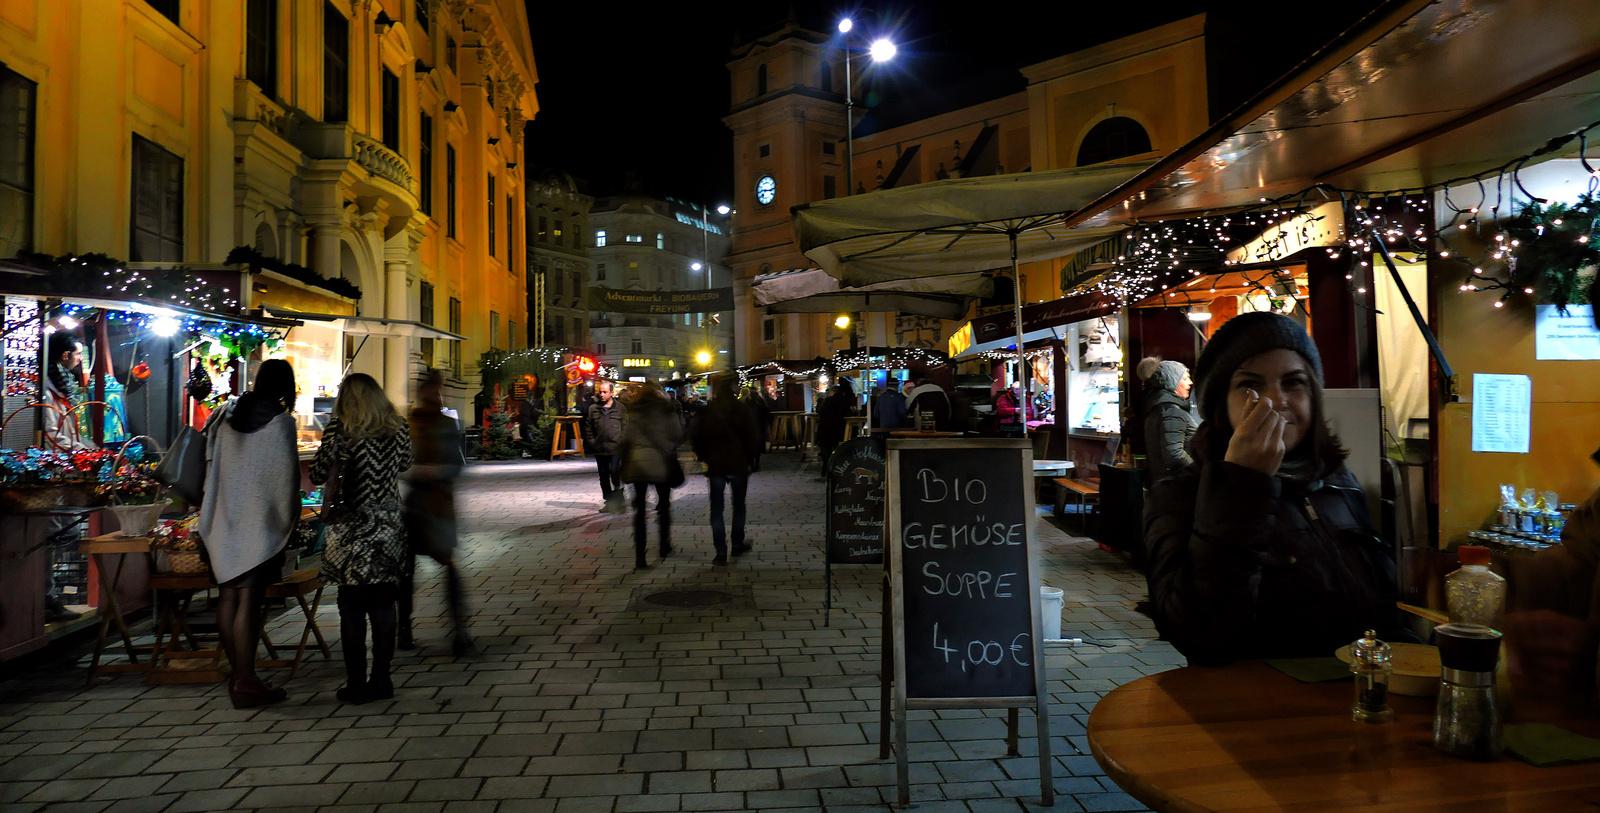 Bécs - Adventmarkt Freyung Biobauern